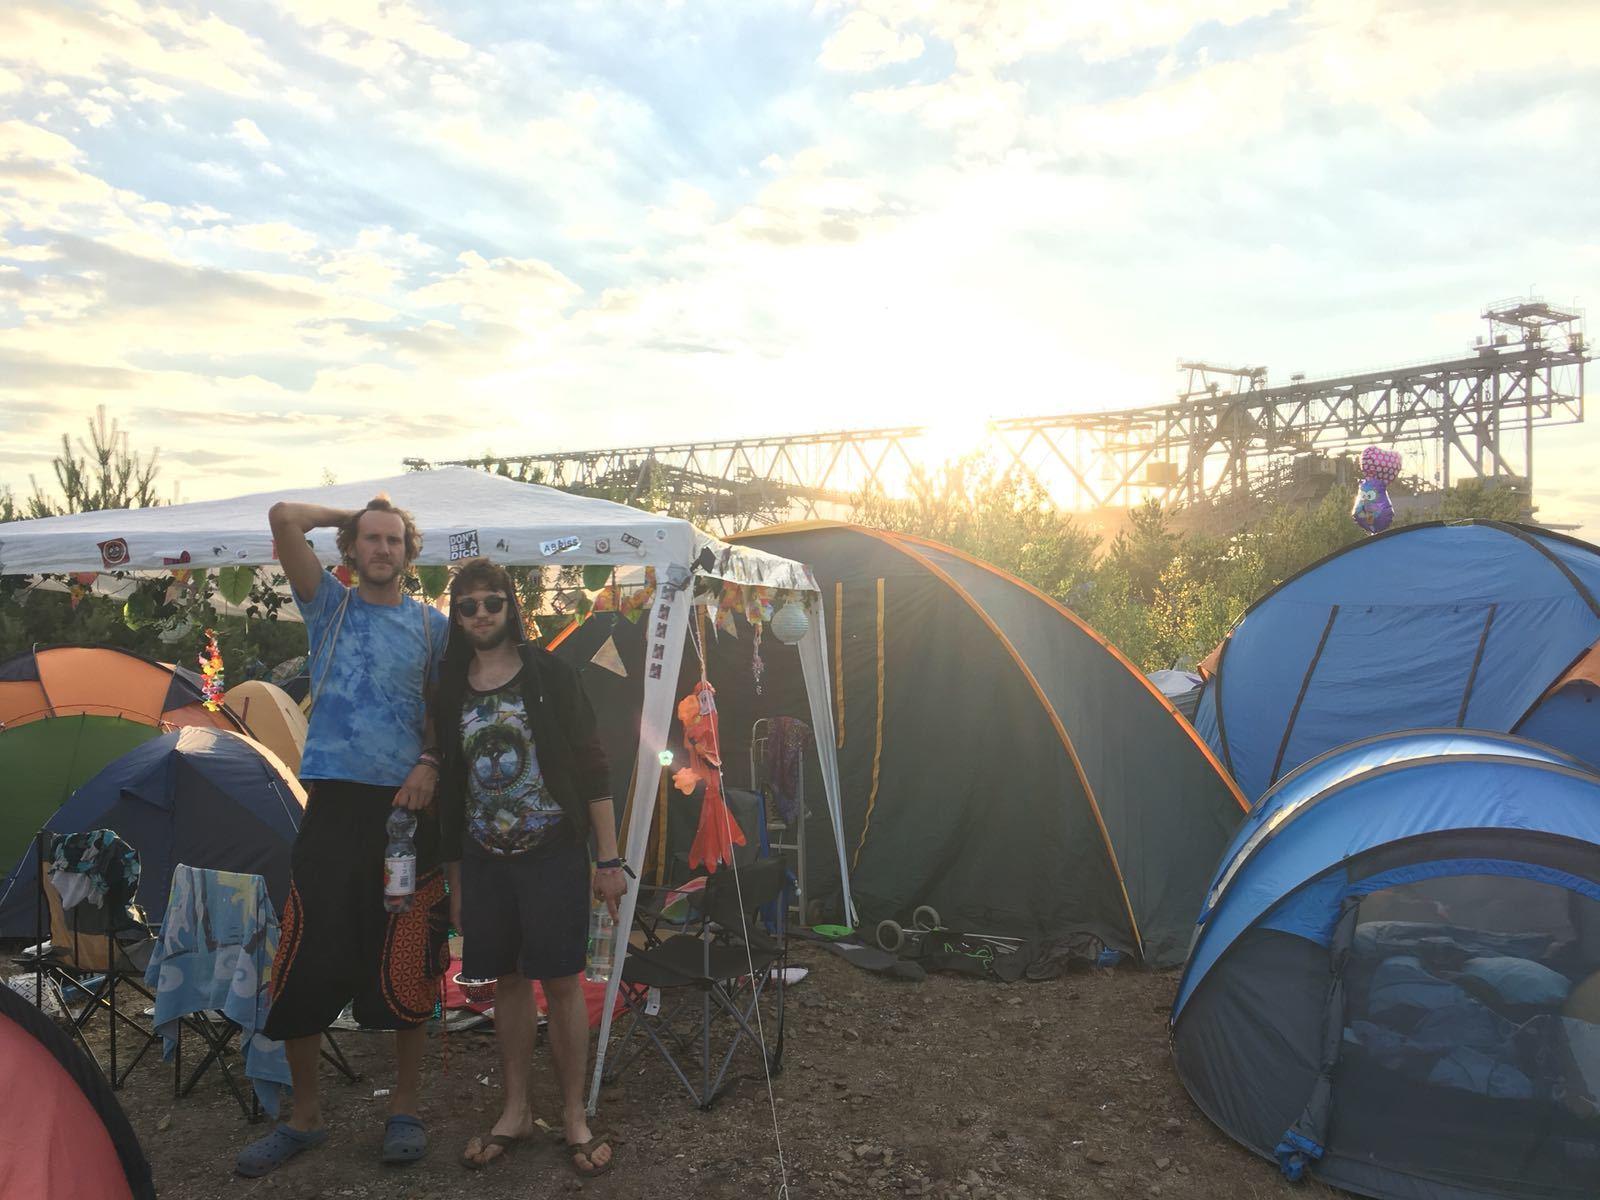 Marco Und Karik In Ihrem Camp